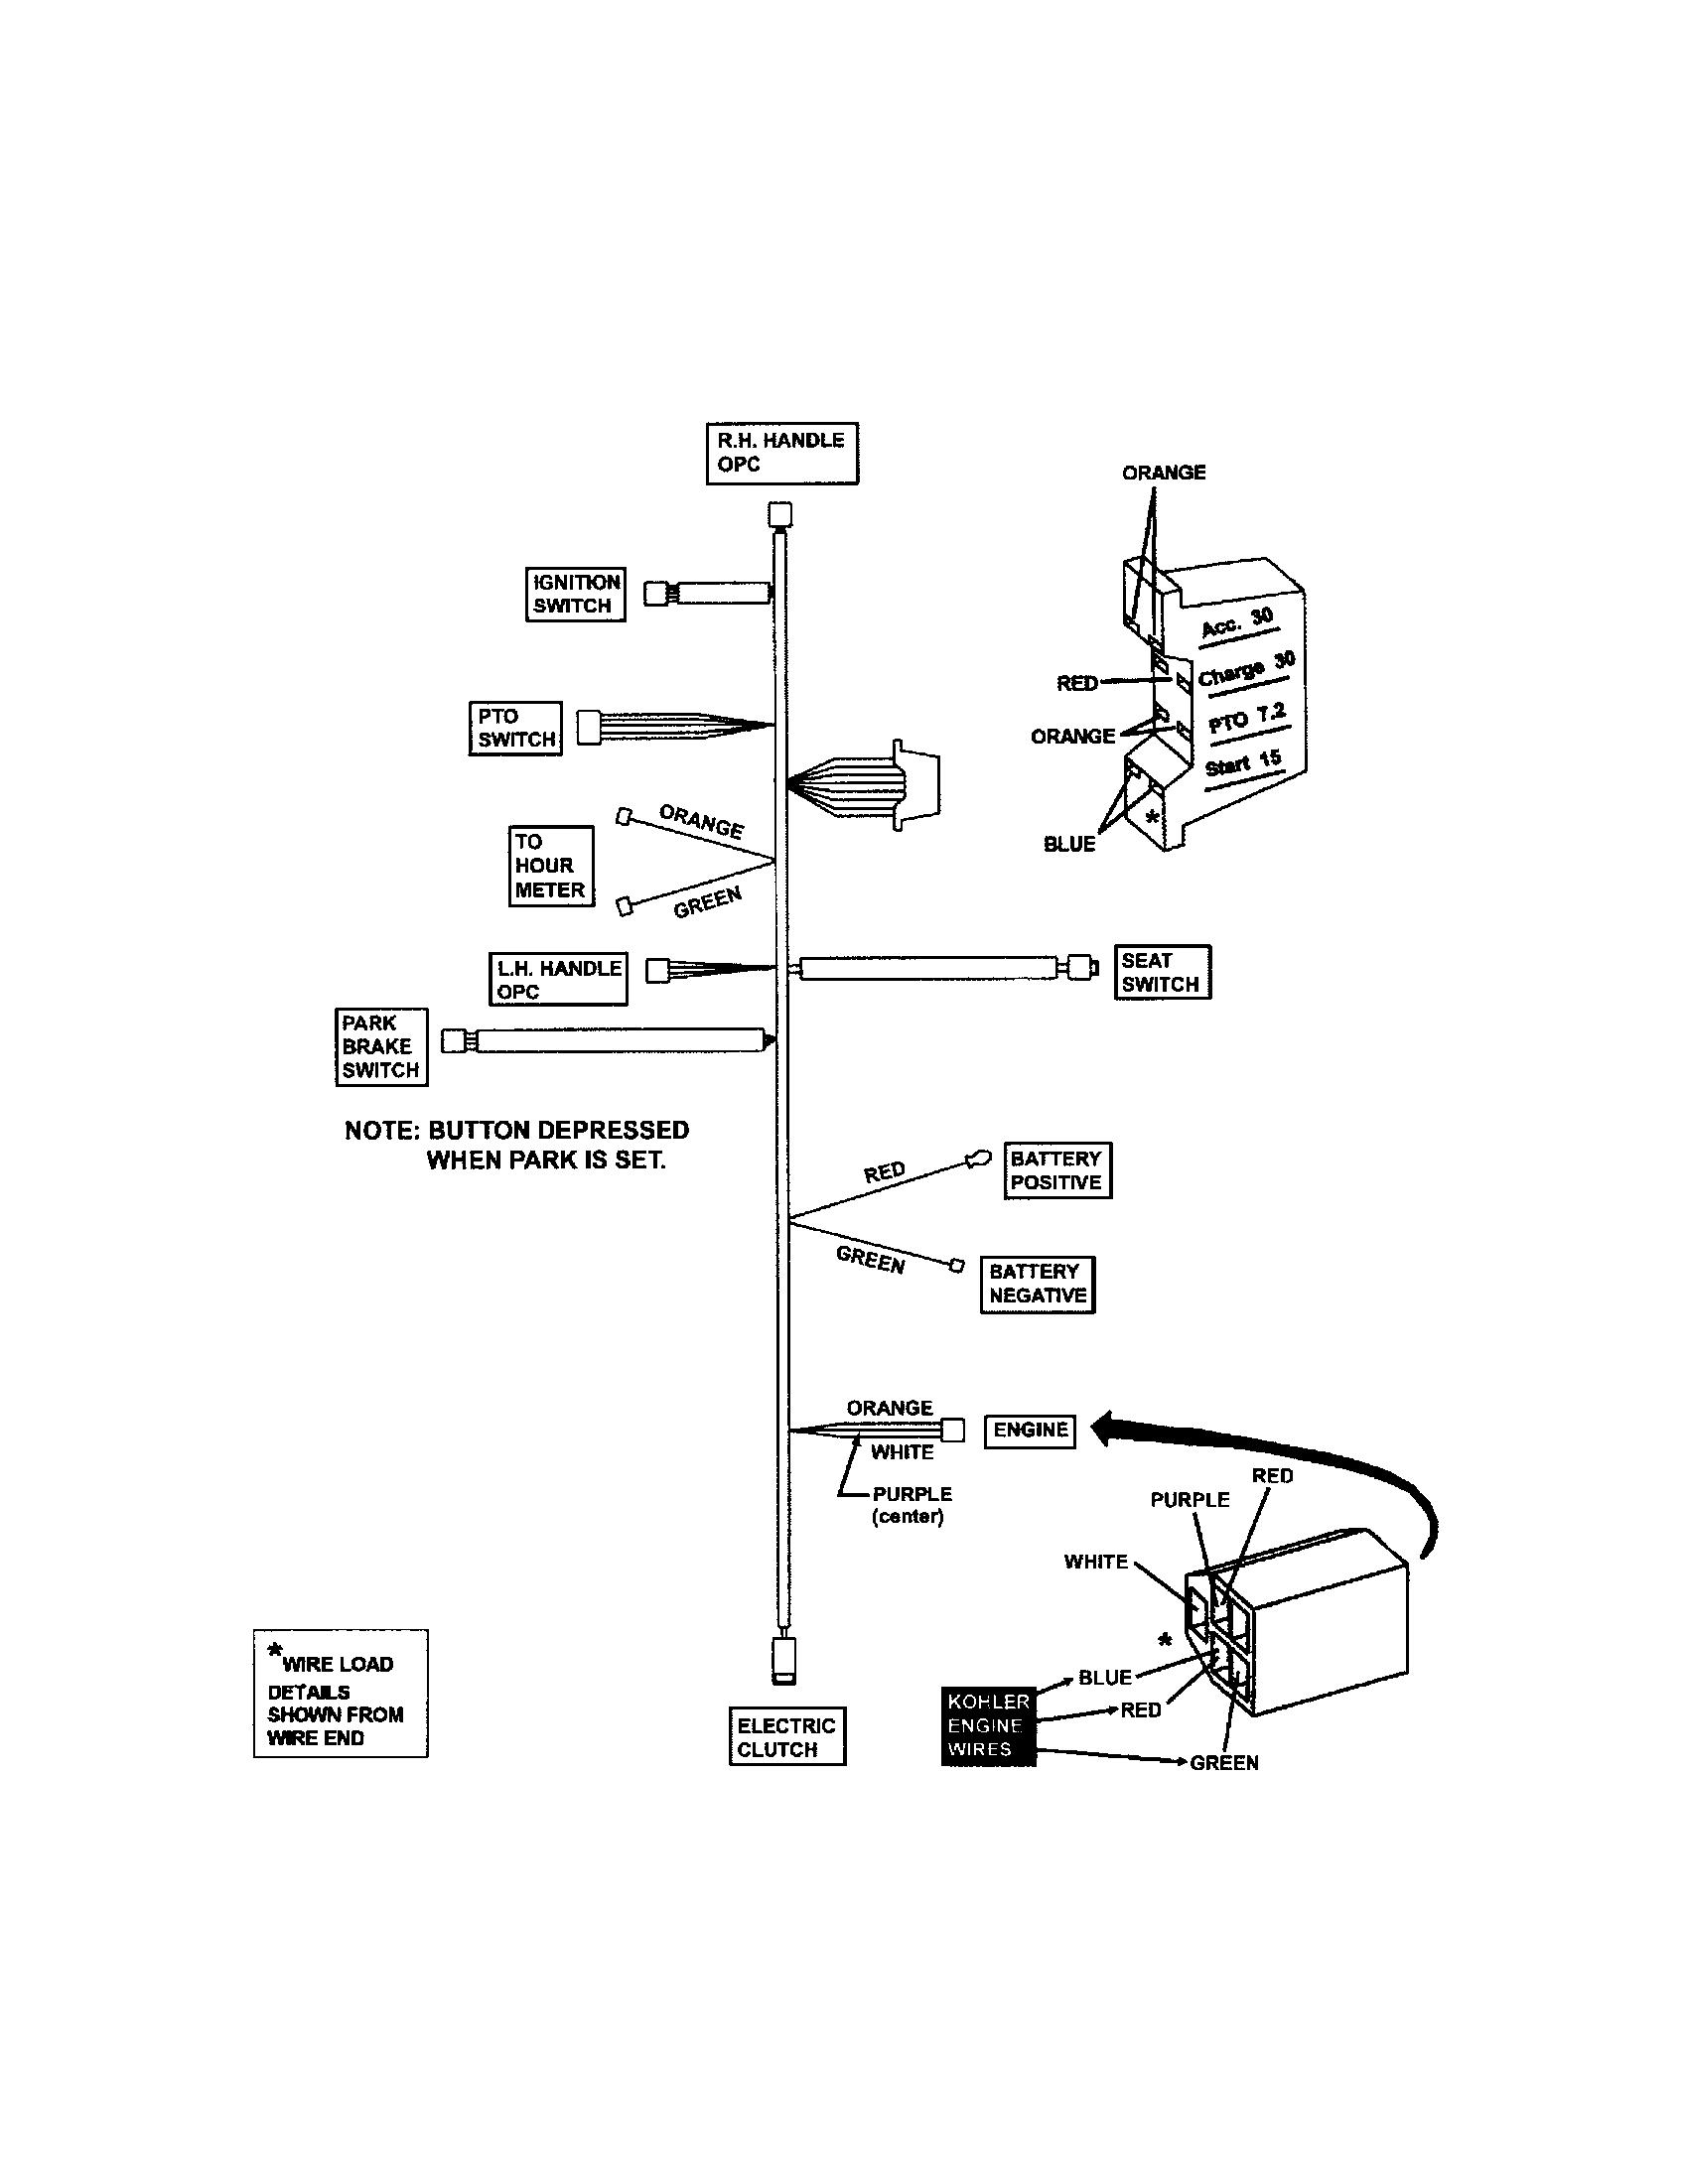 Phenomenal Kohler Engine Wire Harness Basic Electronics Wiring Diagram Wiring Cloud Animomajobocepmohammedshrineorg